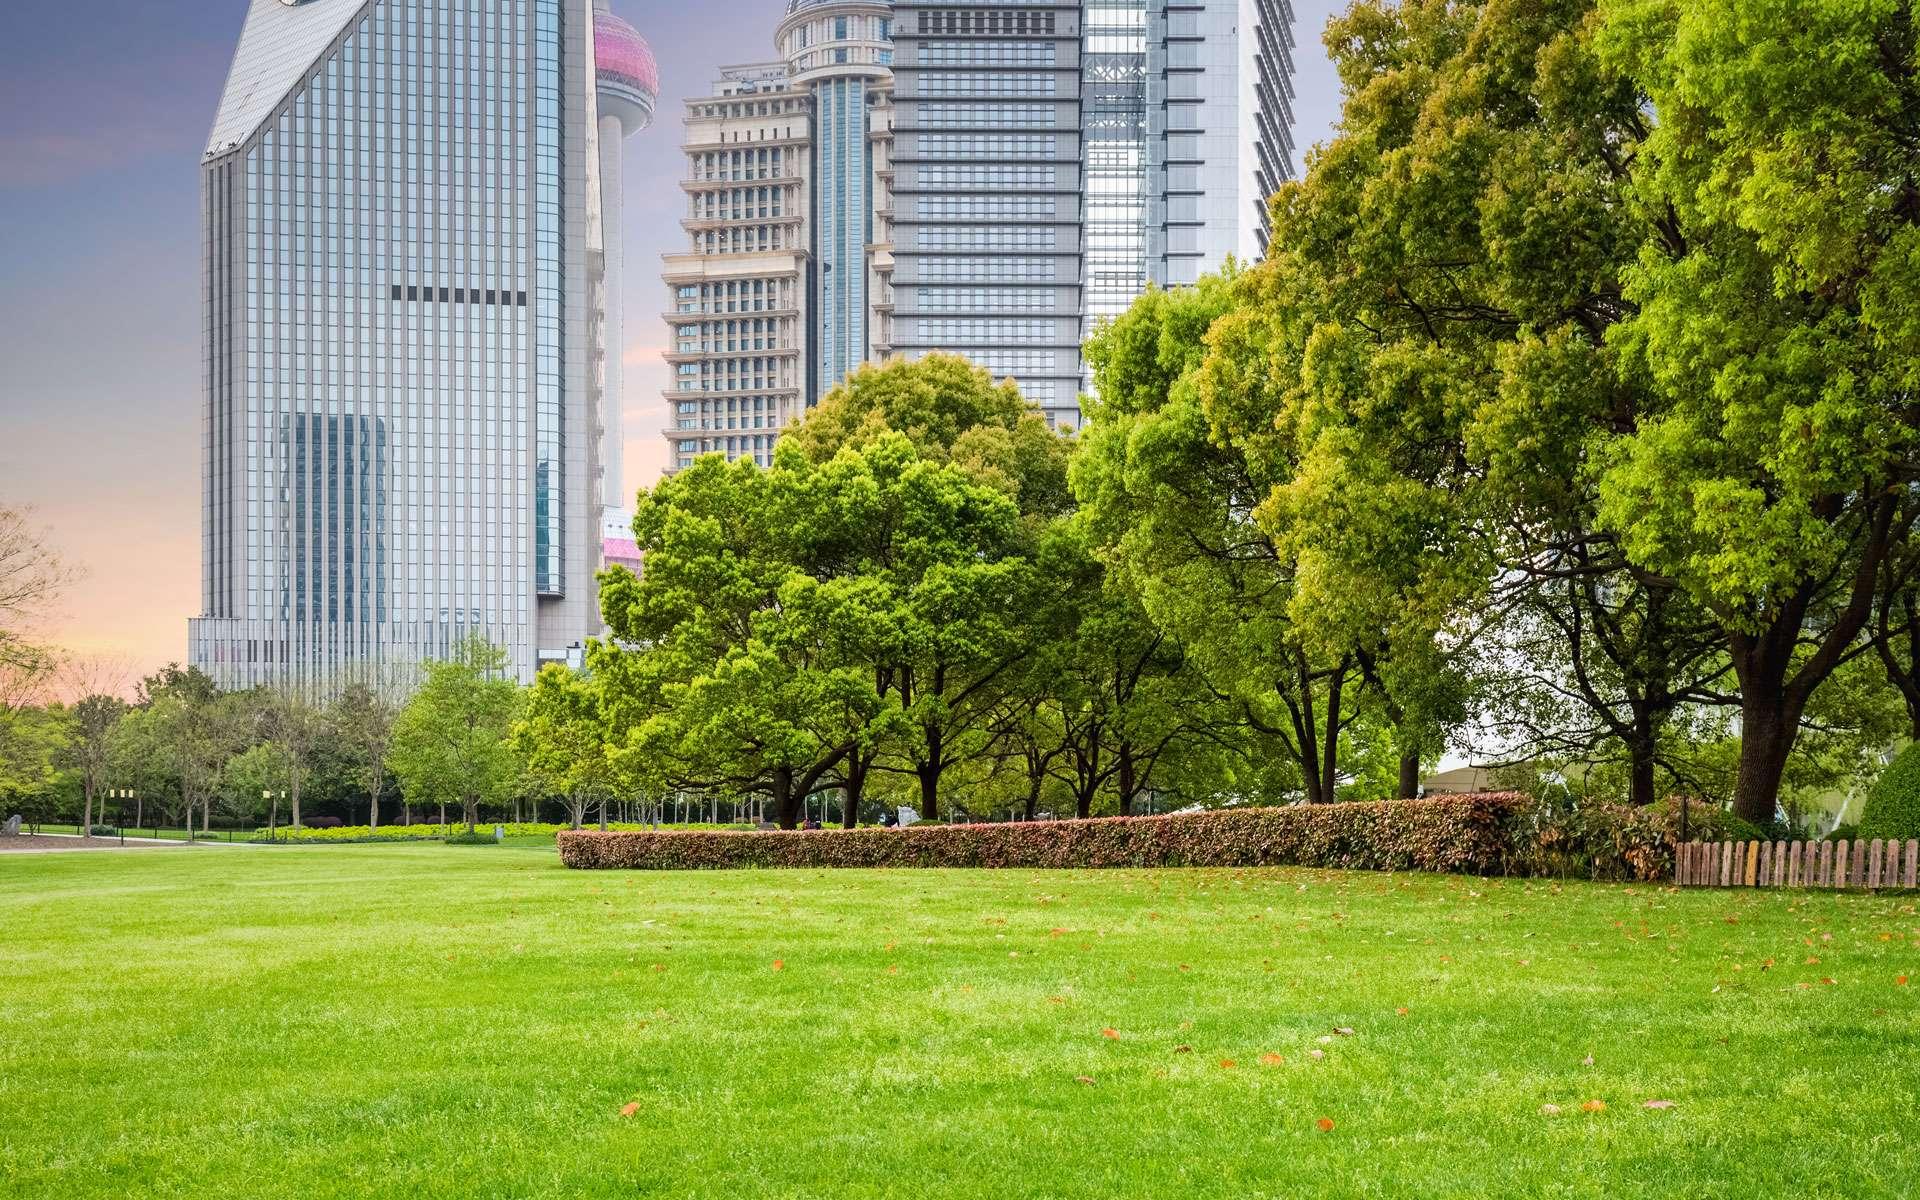 Des buildings modernes à l'arrière plan d'un parc urbain © chuyu2014 / Envato